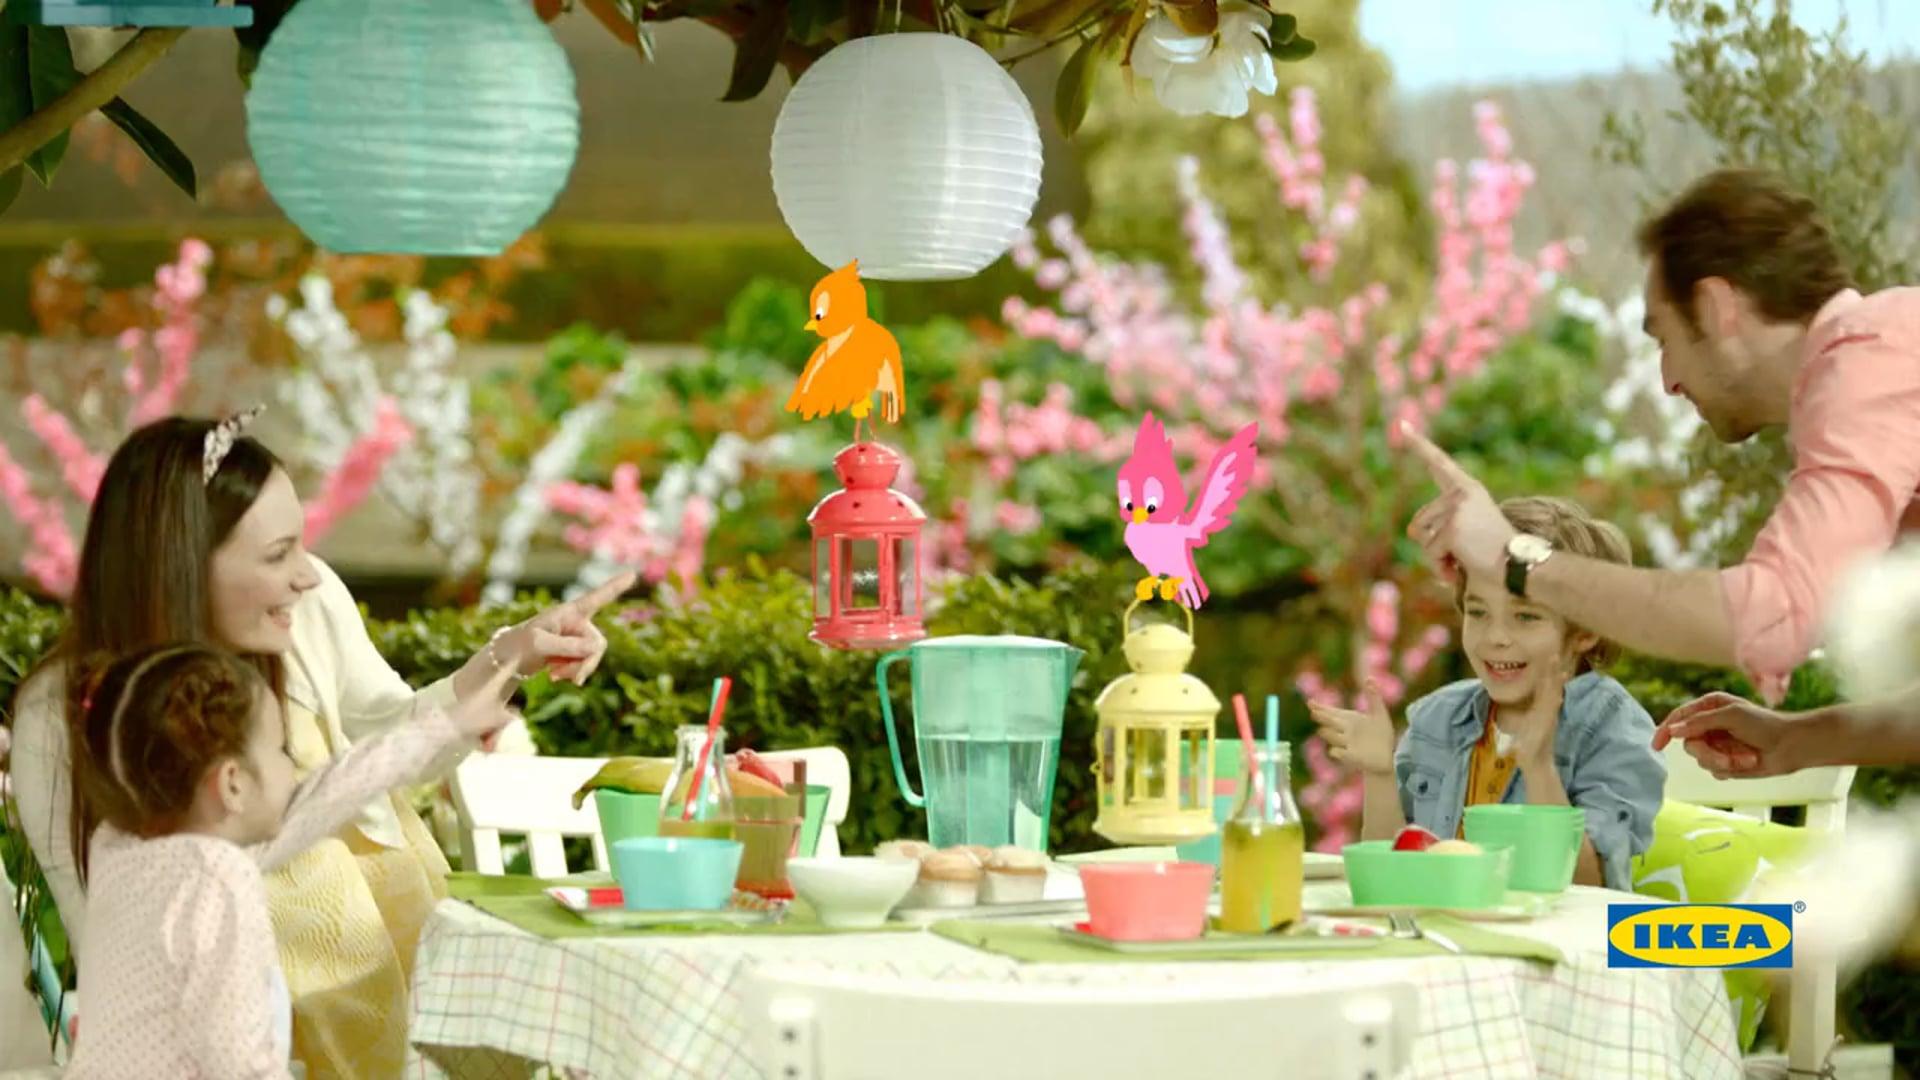 Nadir Bekar-Ikea Spring Campaign